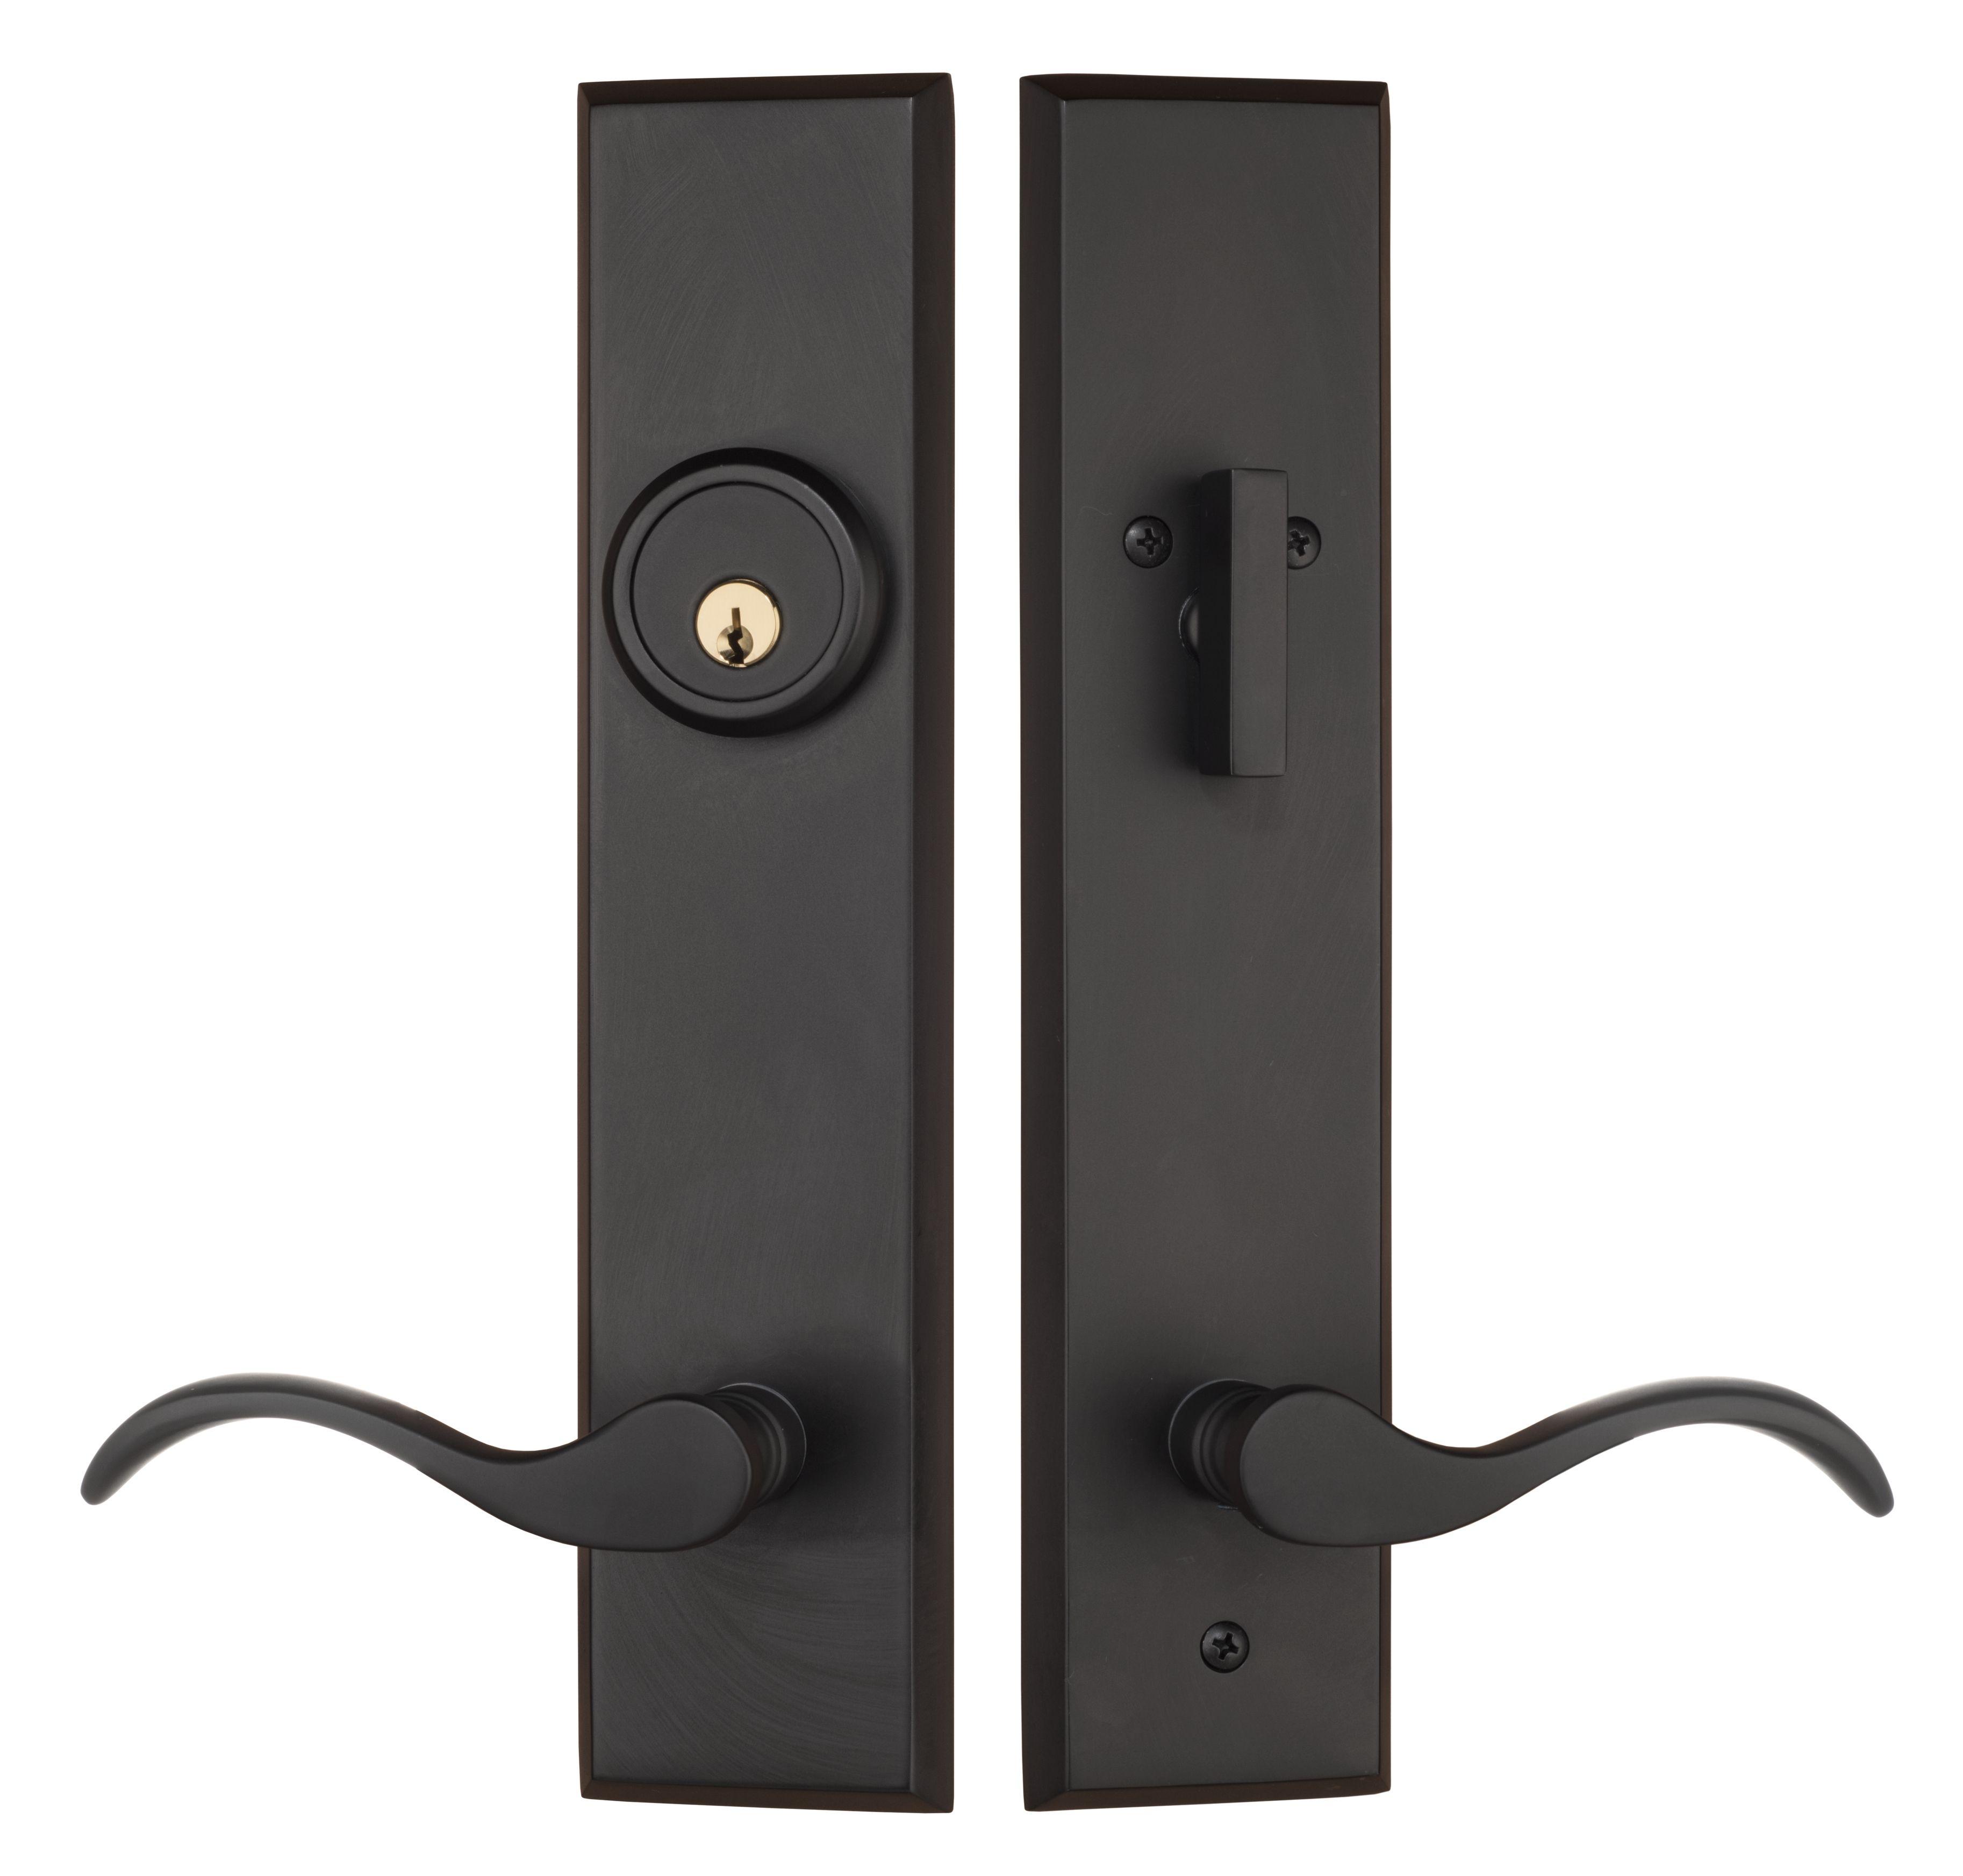 Rockwell Verano Premium Entry Door Handle Set With Dahli Lever In Distressed Nickel Finish Rockwell Security Door Handles Single Cylinder Deadbolt Door Handle Sets